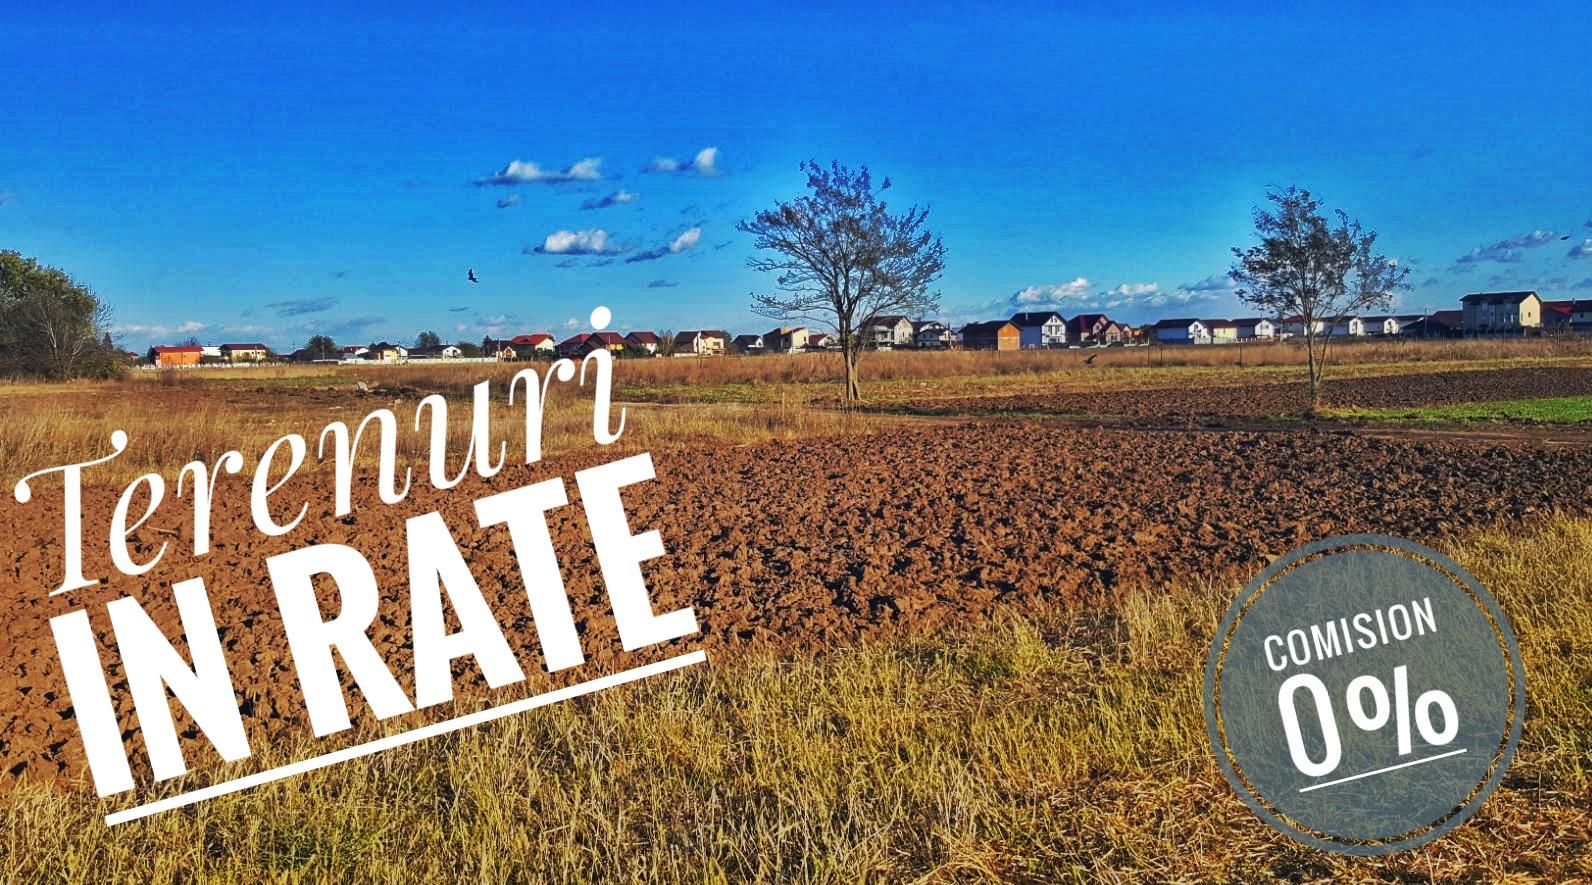 Imobiliare comuna Berceni - Vanzare teren in Rate - Vanzare Casa la cheie